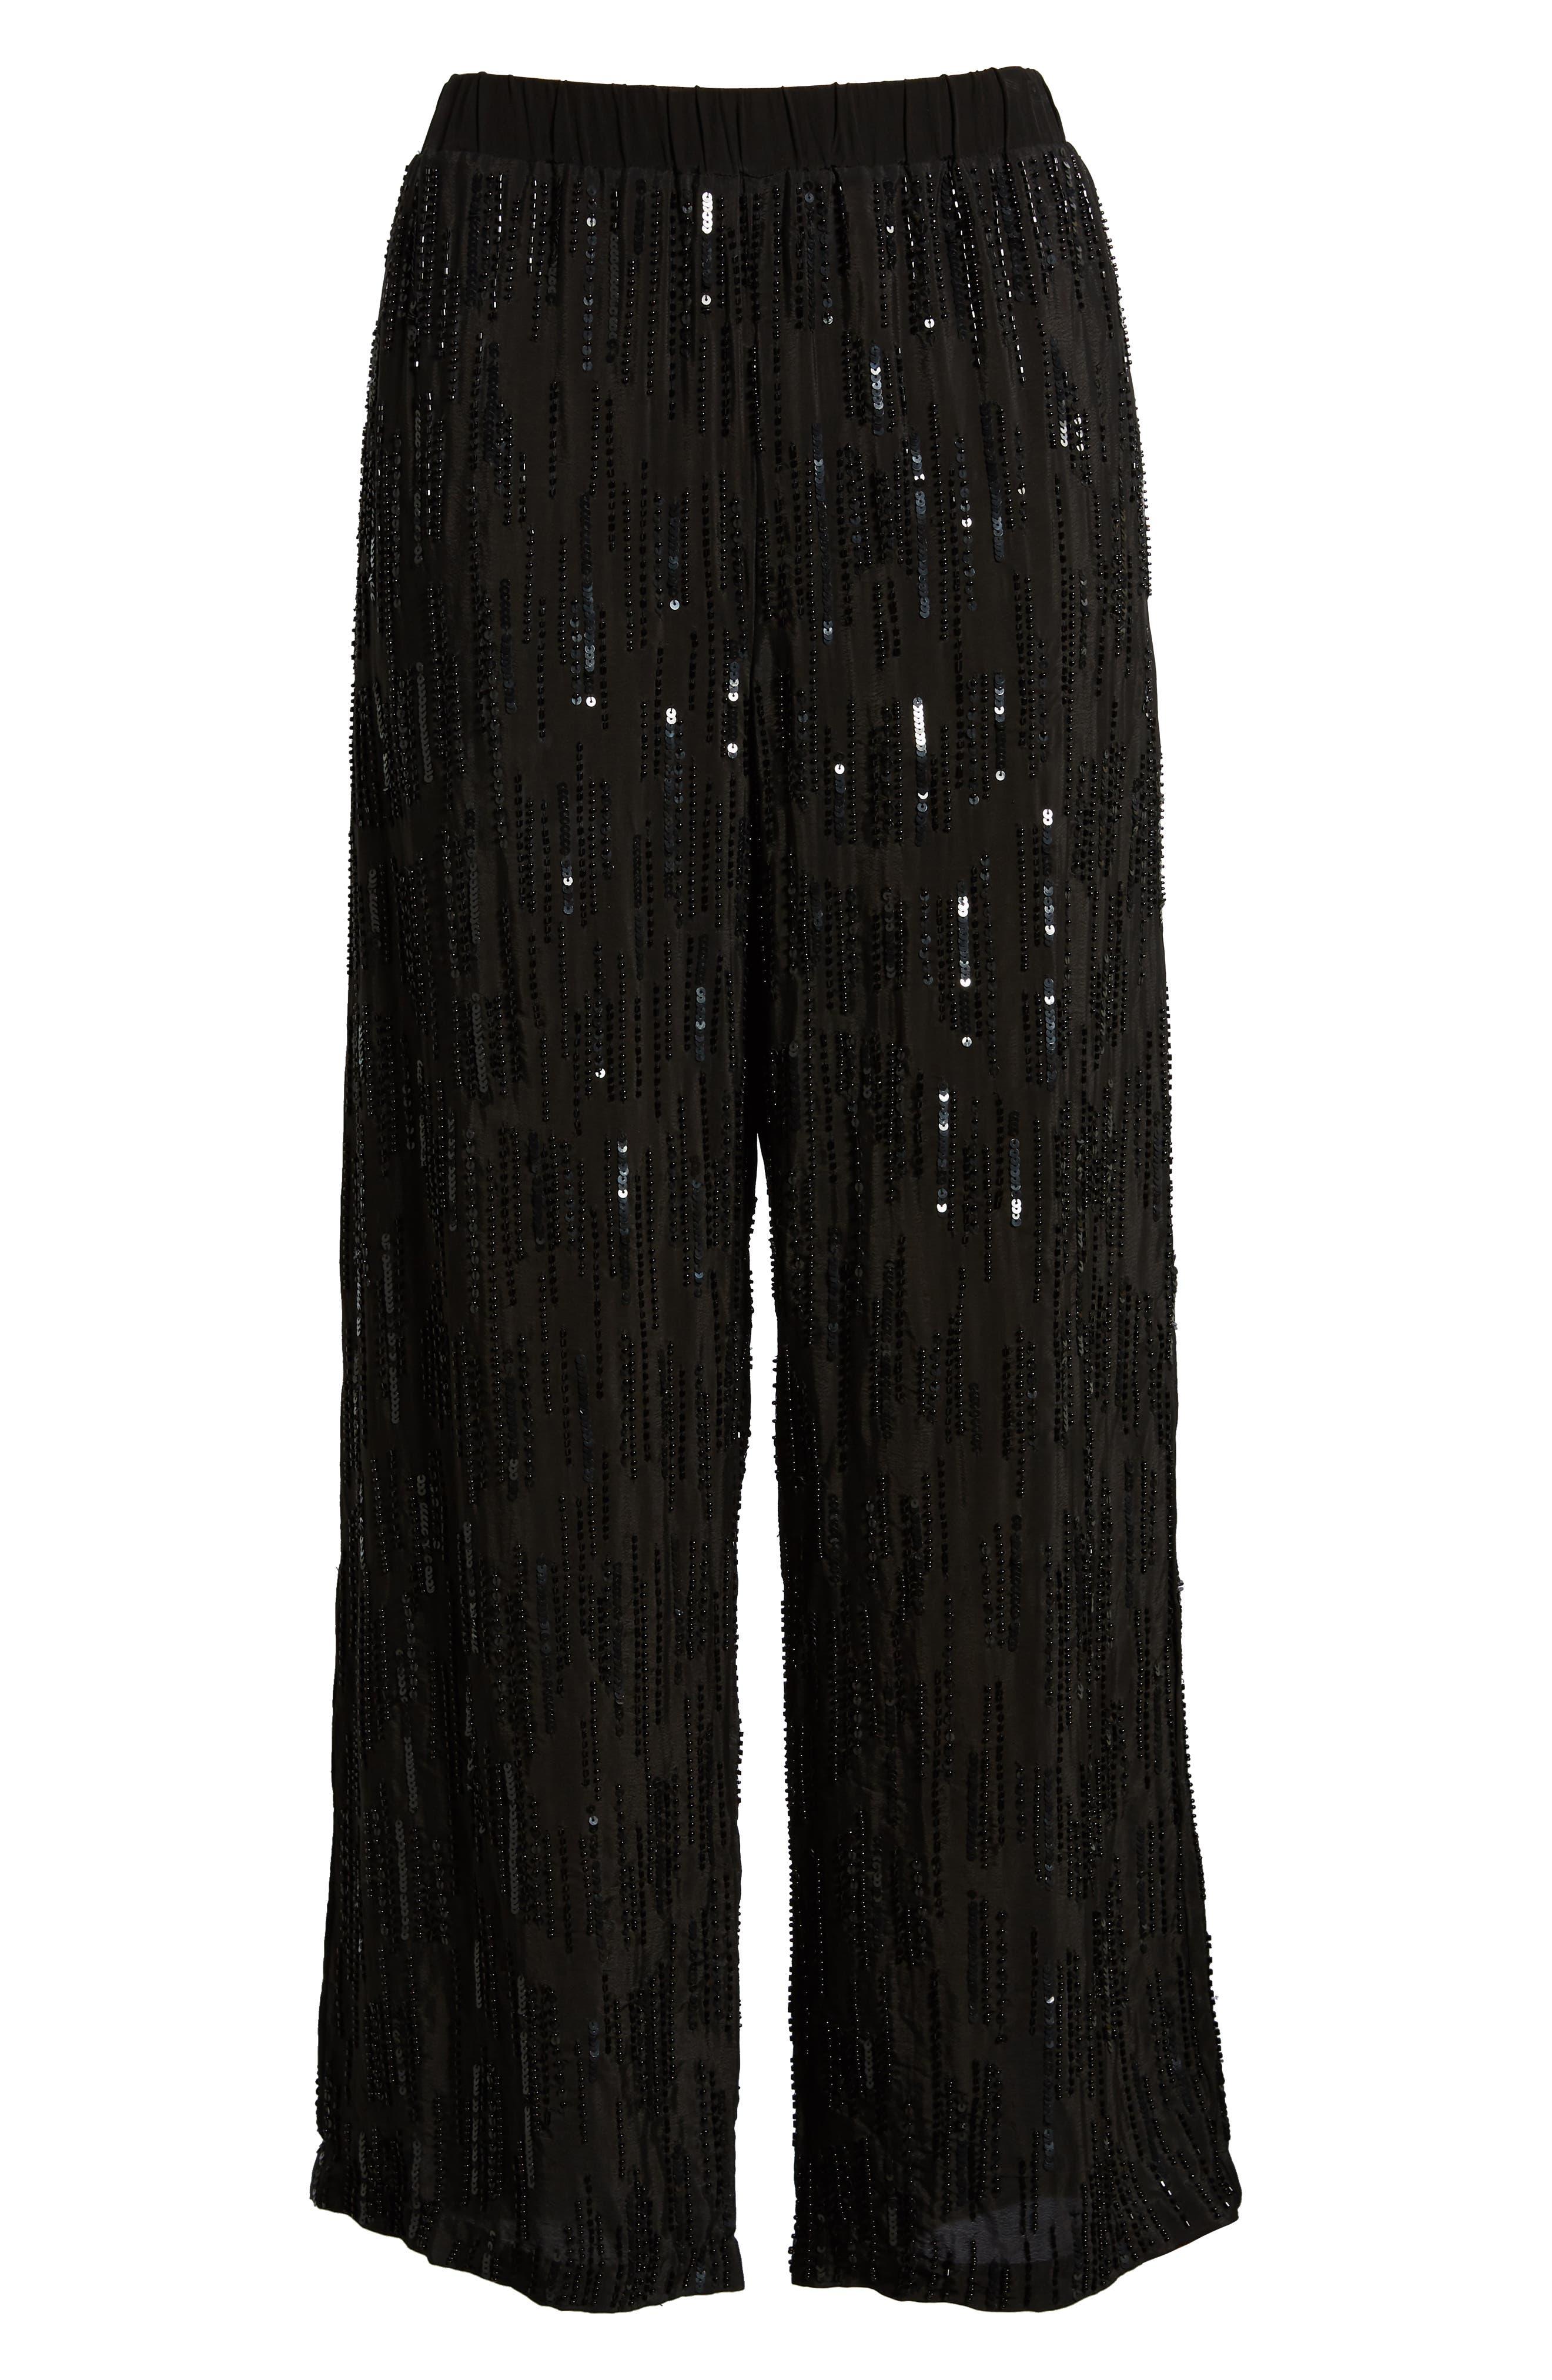 Raindrop Sequin Pants,                             Alternate thumbnail 6, color,                             BLACK